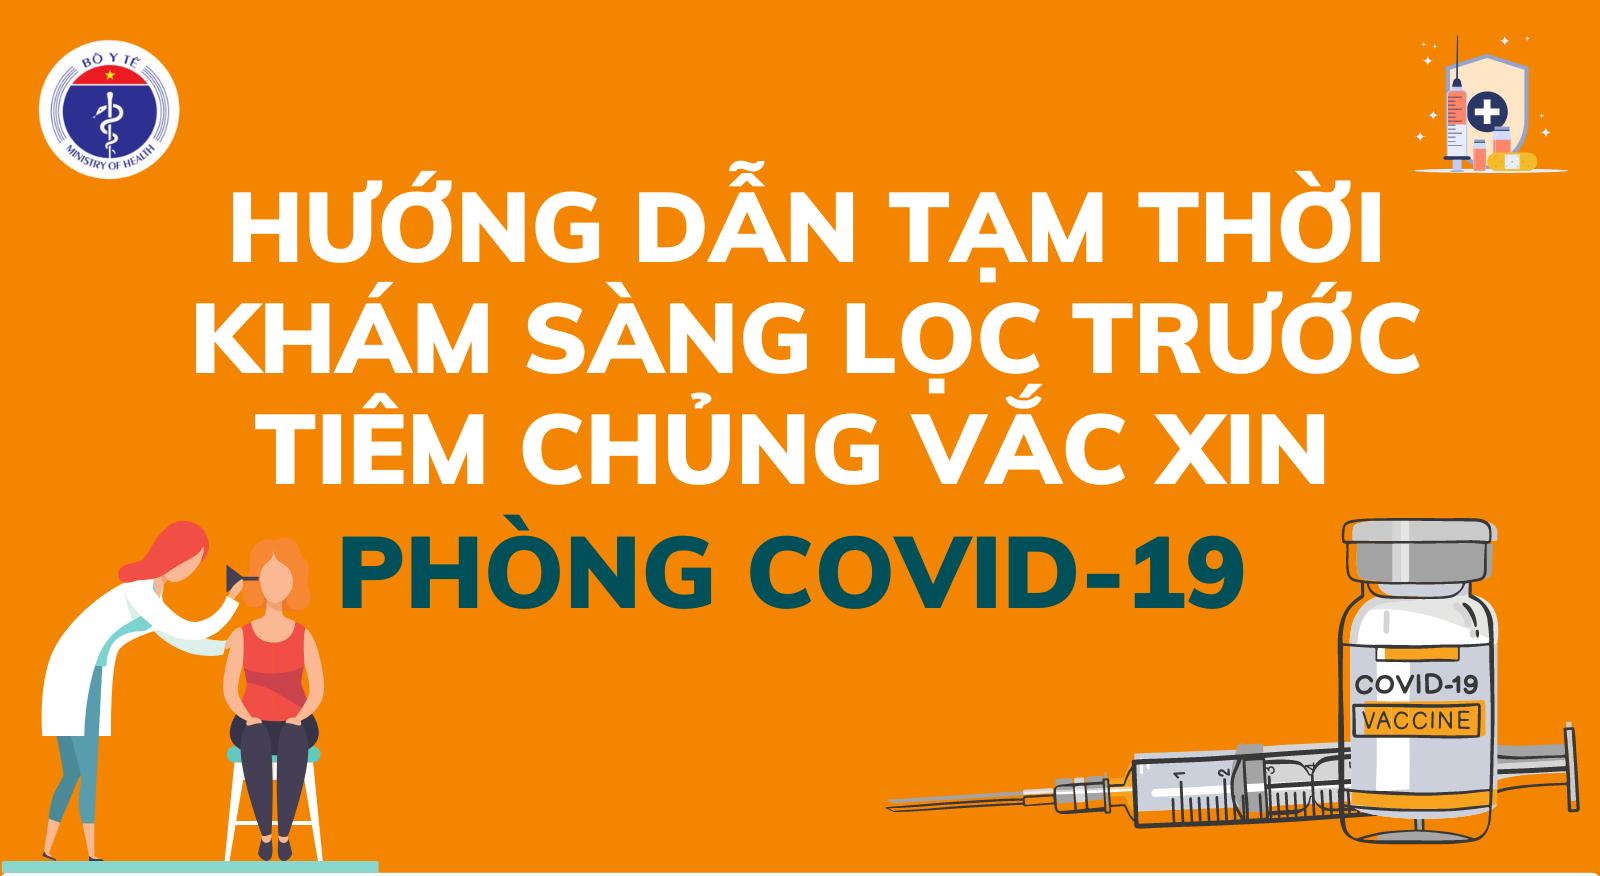 [Infographic] Hướng dẫn khám sàng lọc trước khi tiêm chủng vắc xin phòng Covid-19